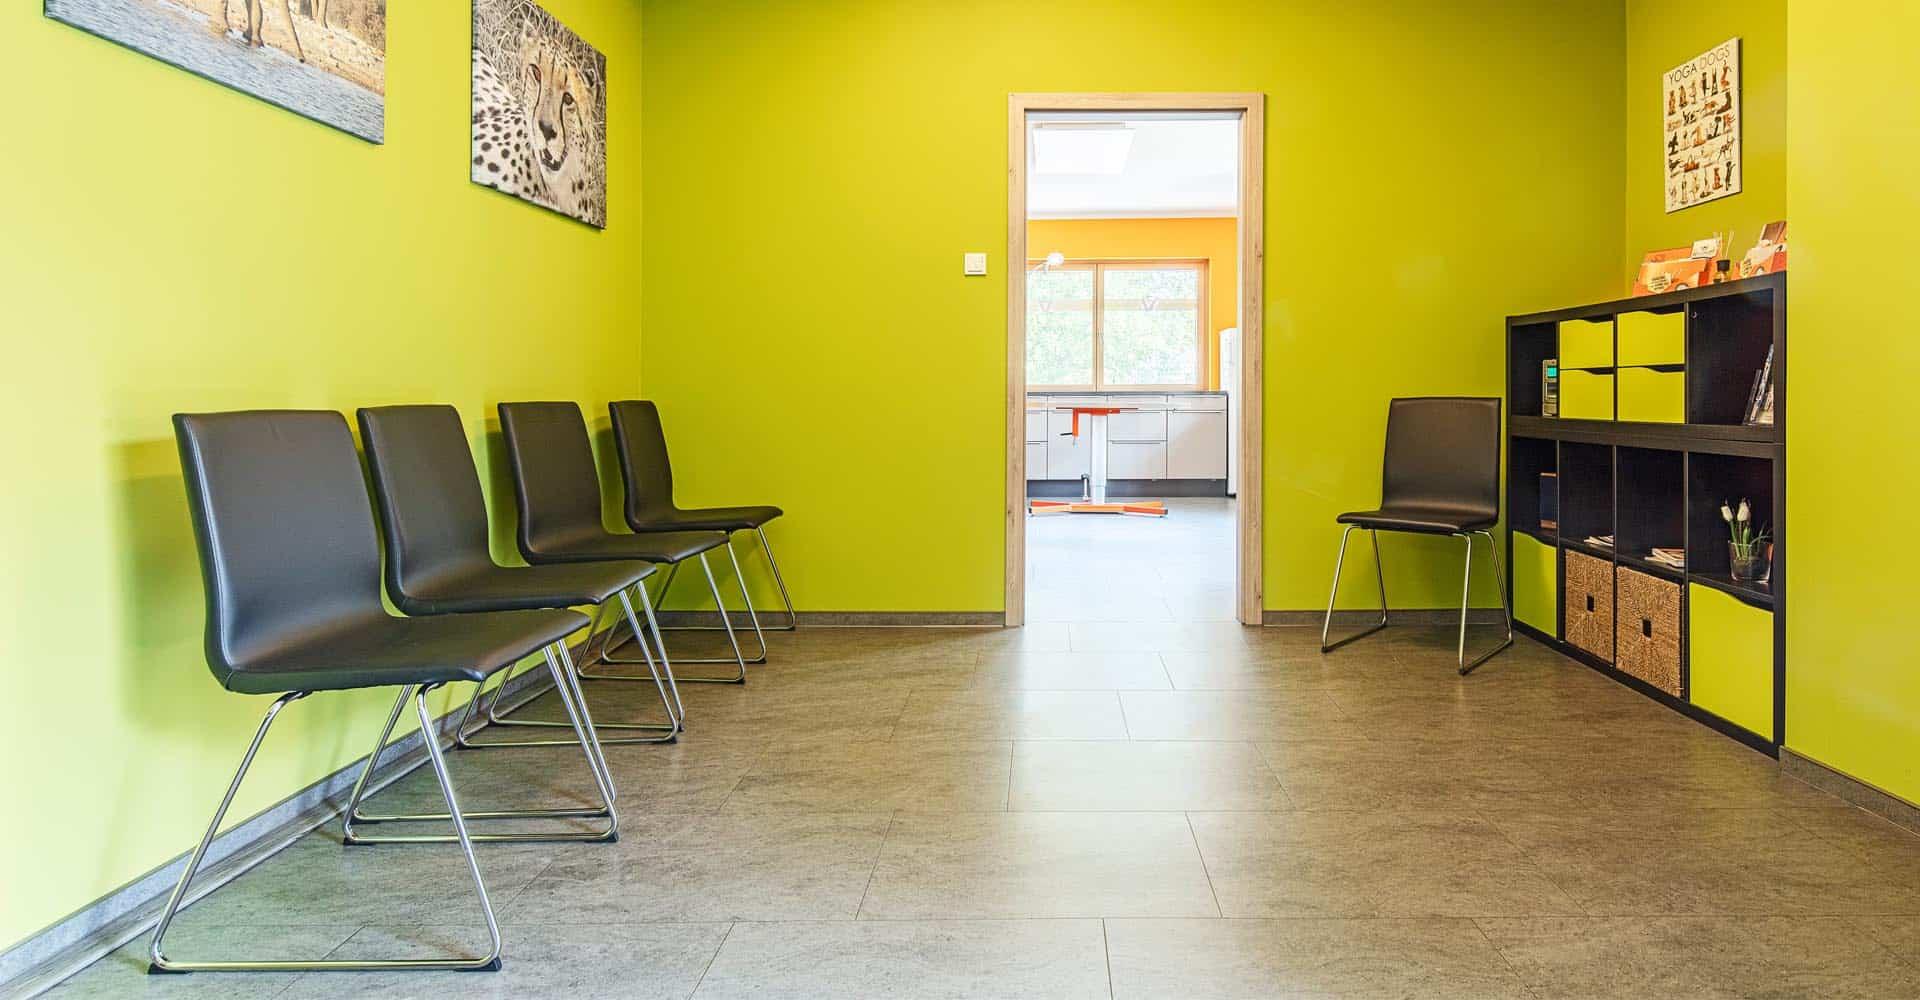 Tierarztpraxis, Innenausbau, KADUR Handwerk, Malerarbeiten, Bodenarbeiten, Fliesenarbeiten, Altfranken, Dresden, Trockenbau